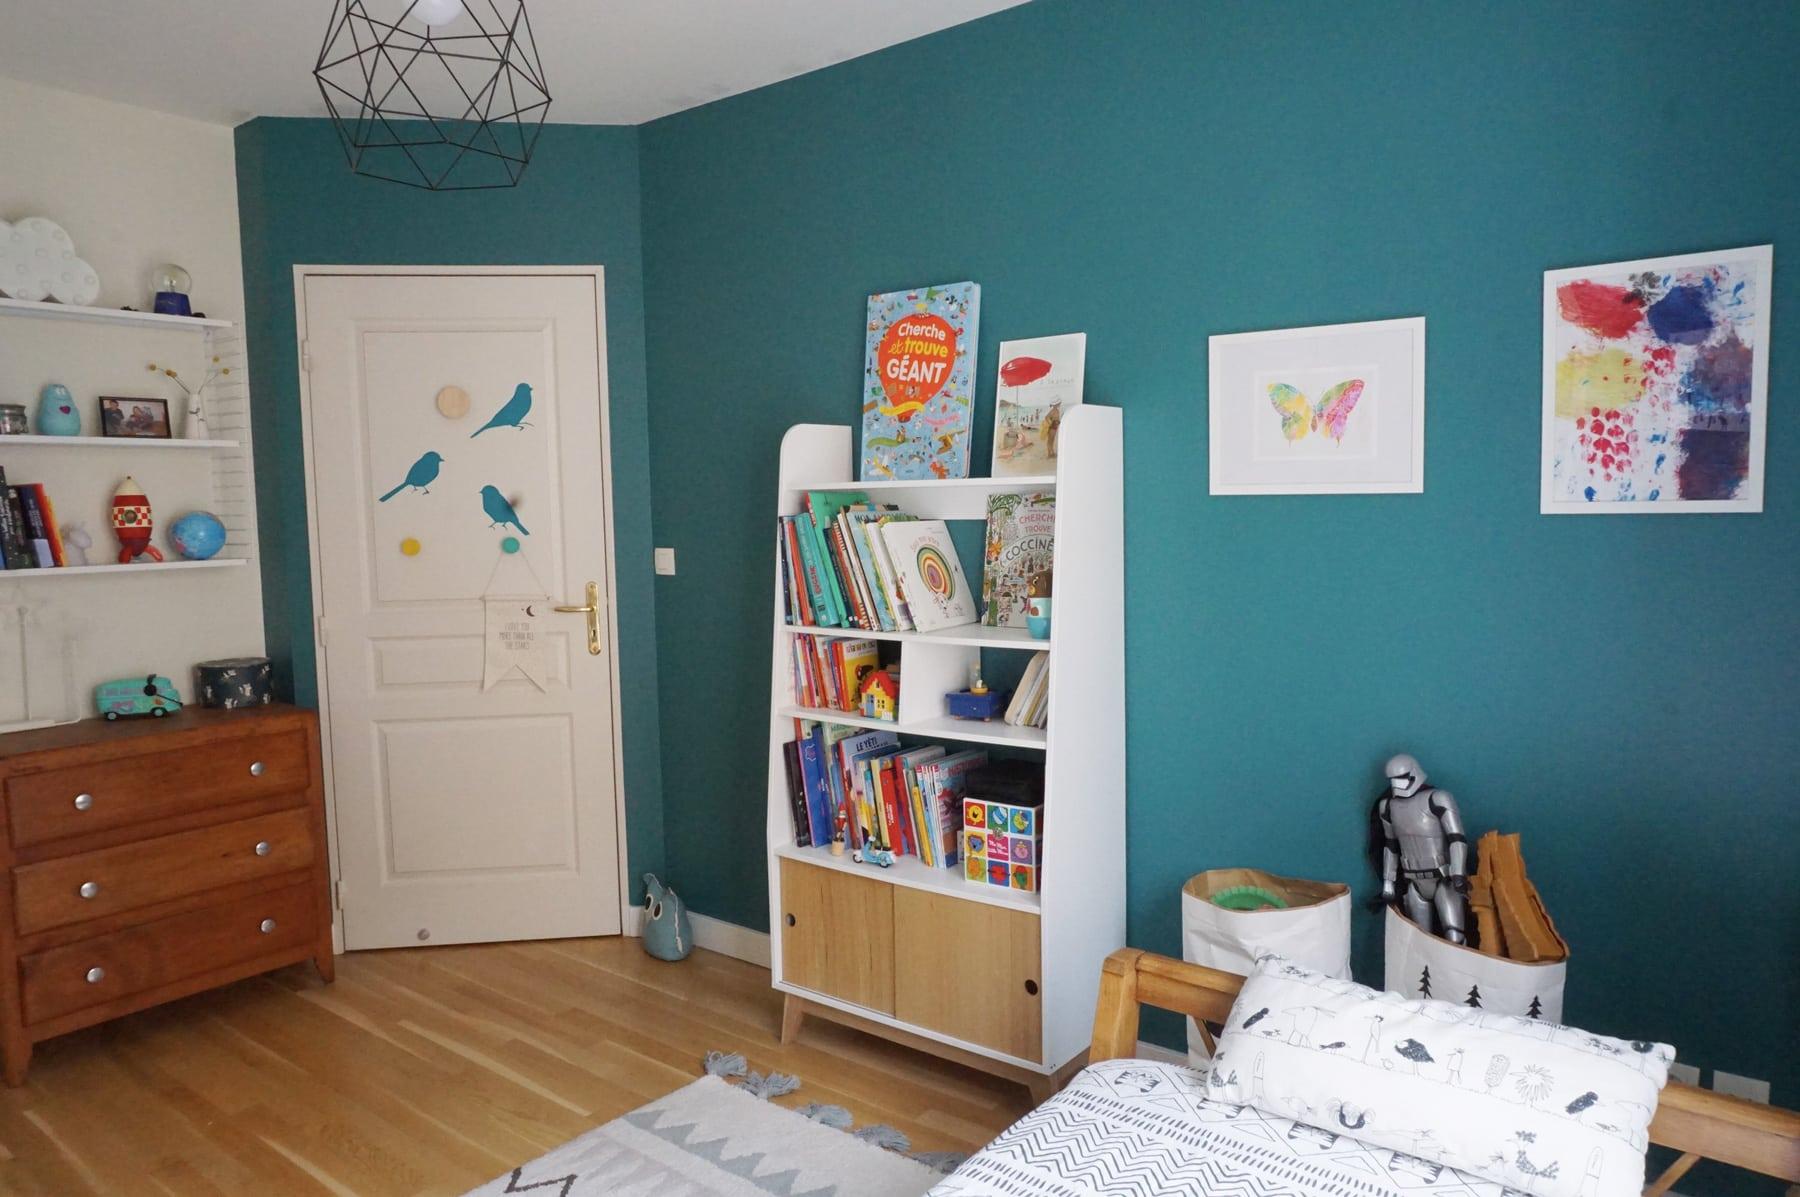 Partage Chambre Fille Garcon home tour : la chambre enfant de noah - déco chambre enfant